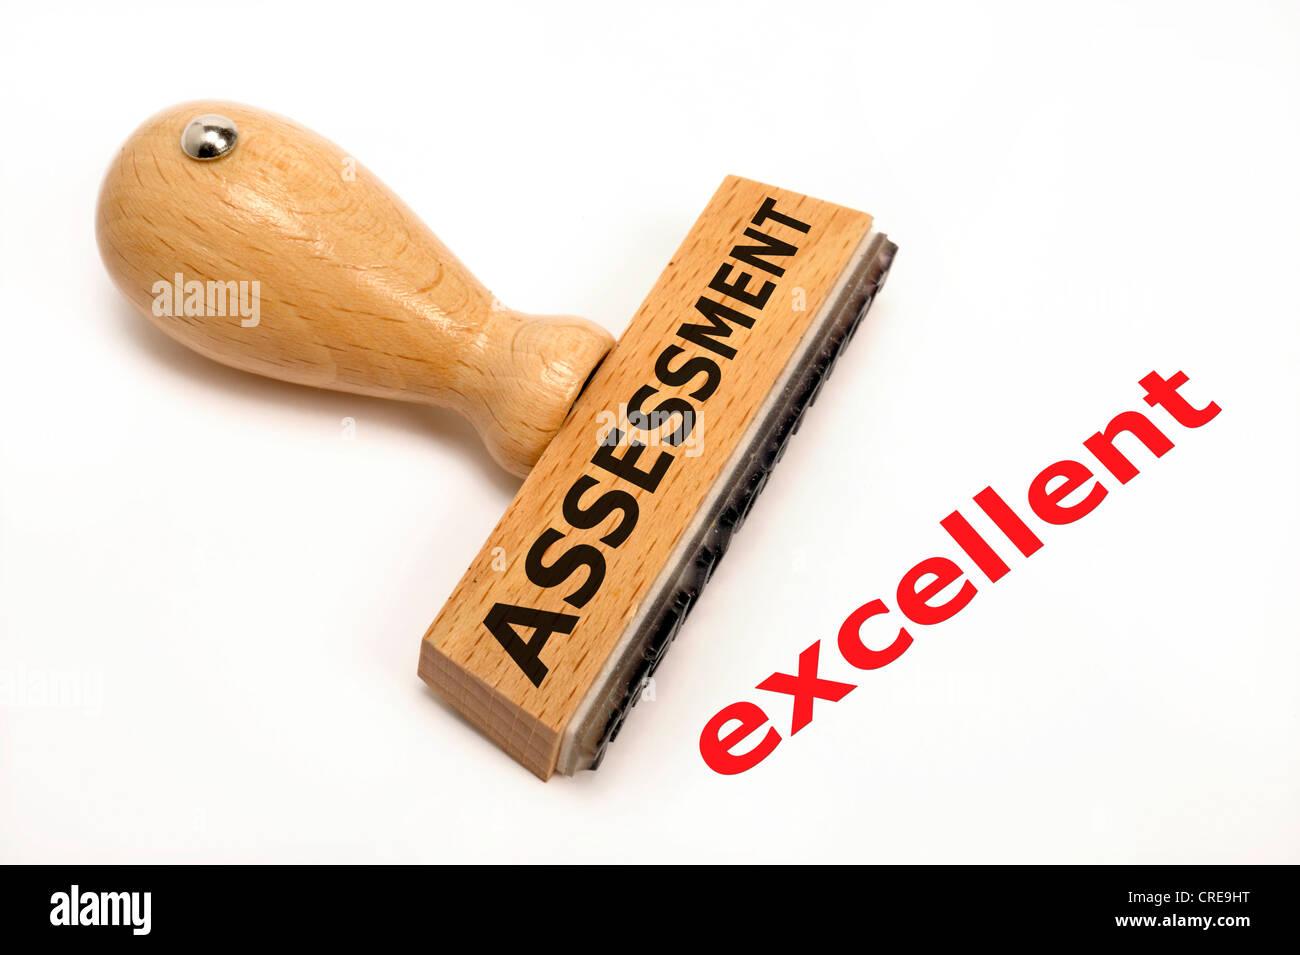 Timbres en caoutchouc marqués d'excellente évaluation Photo Stock